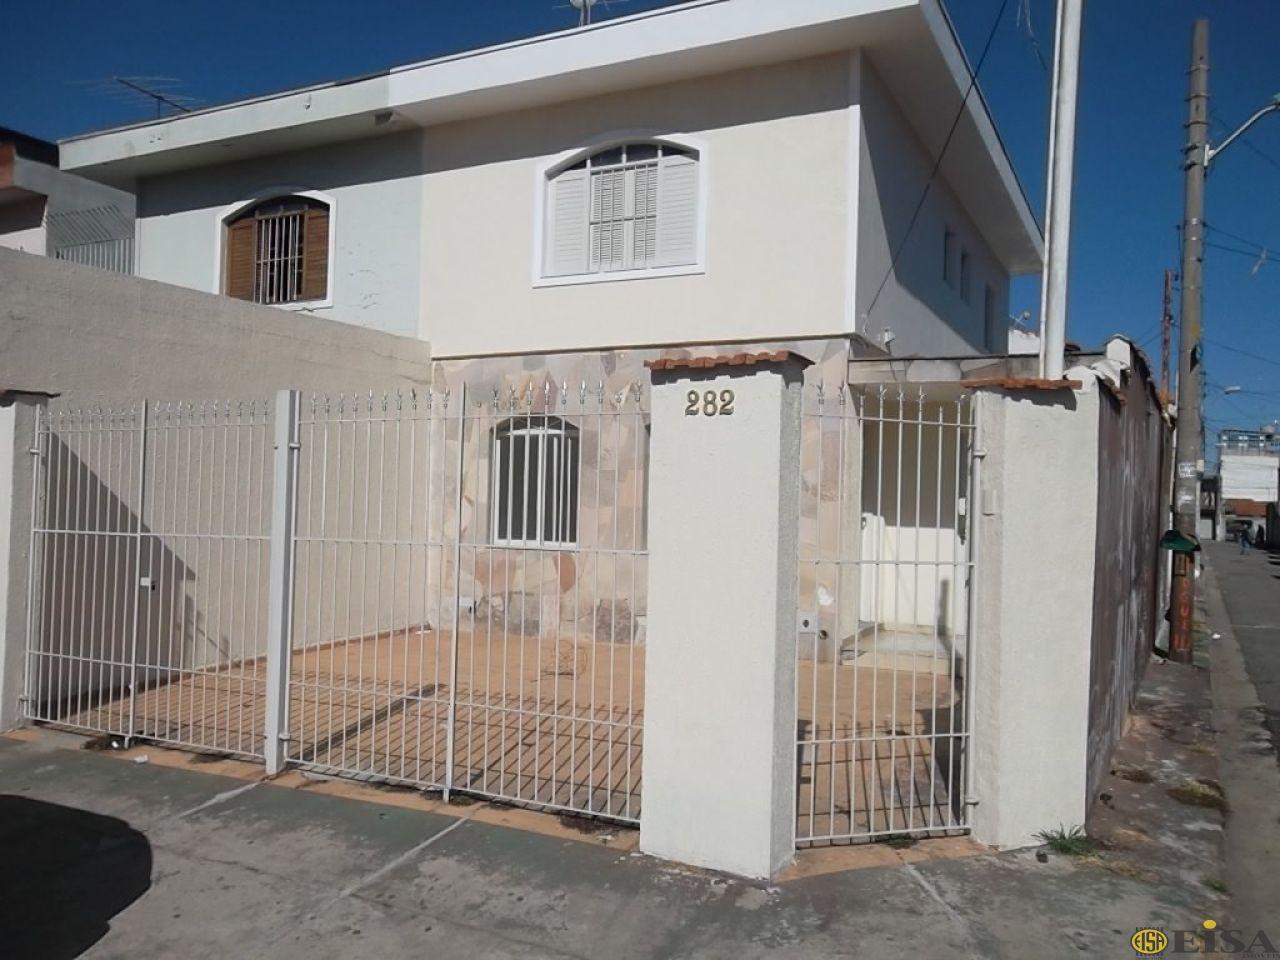 VENDA | SOBRADO - Jardim Brasil Zona Norte - 2 dormitórios - 2 Vagas - 101m² - CÓD:EJ4285